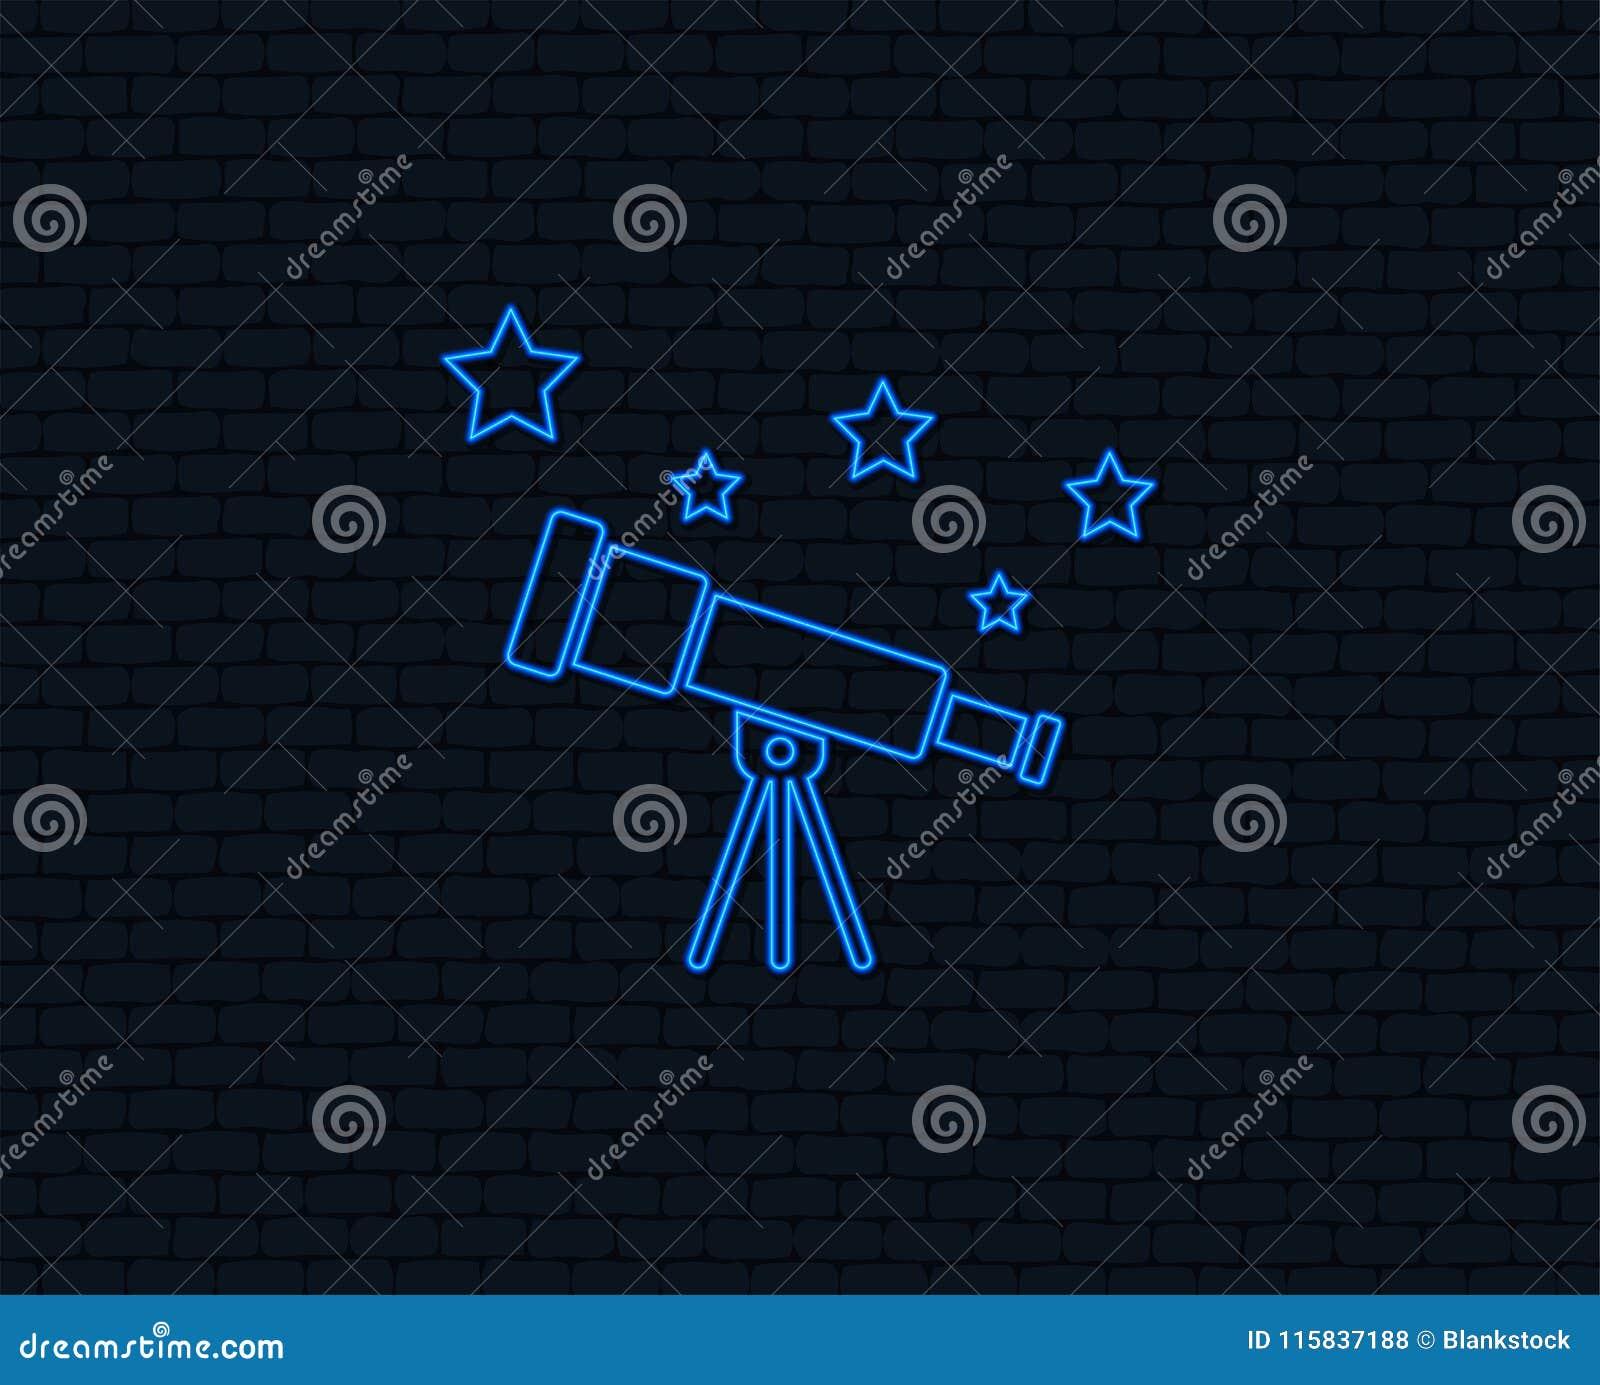 Schematic Symbol Neon Data Wiring